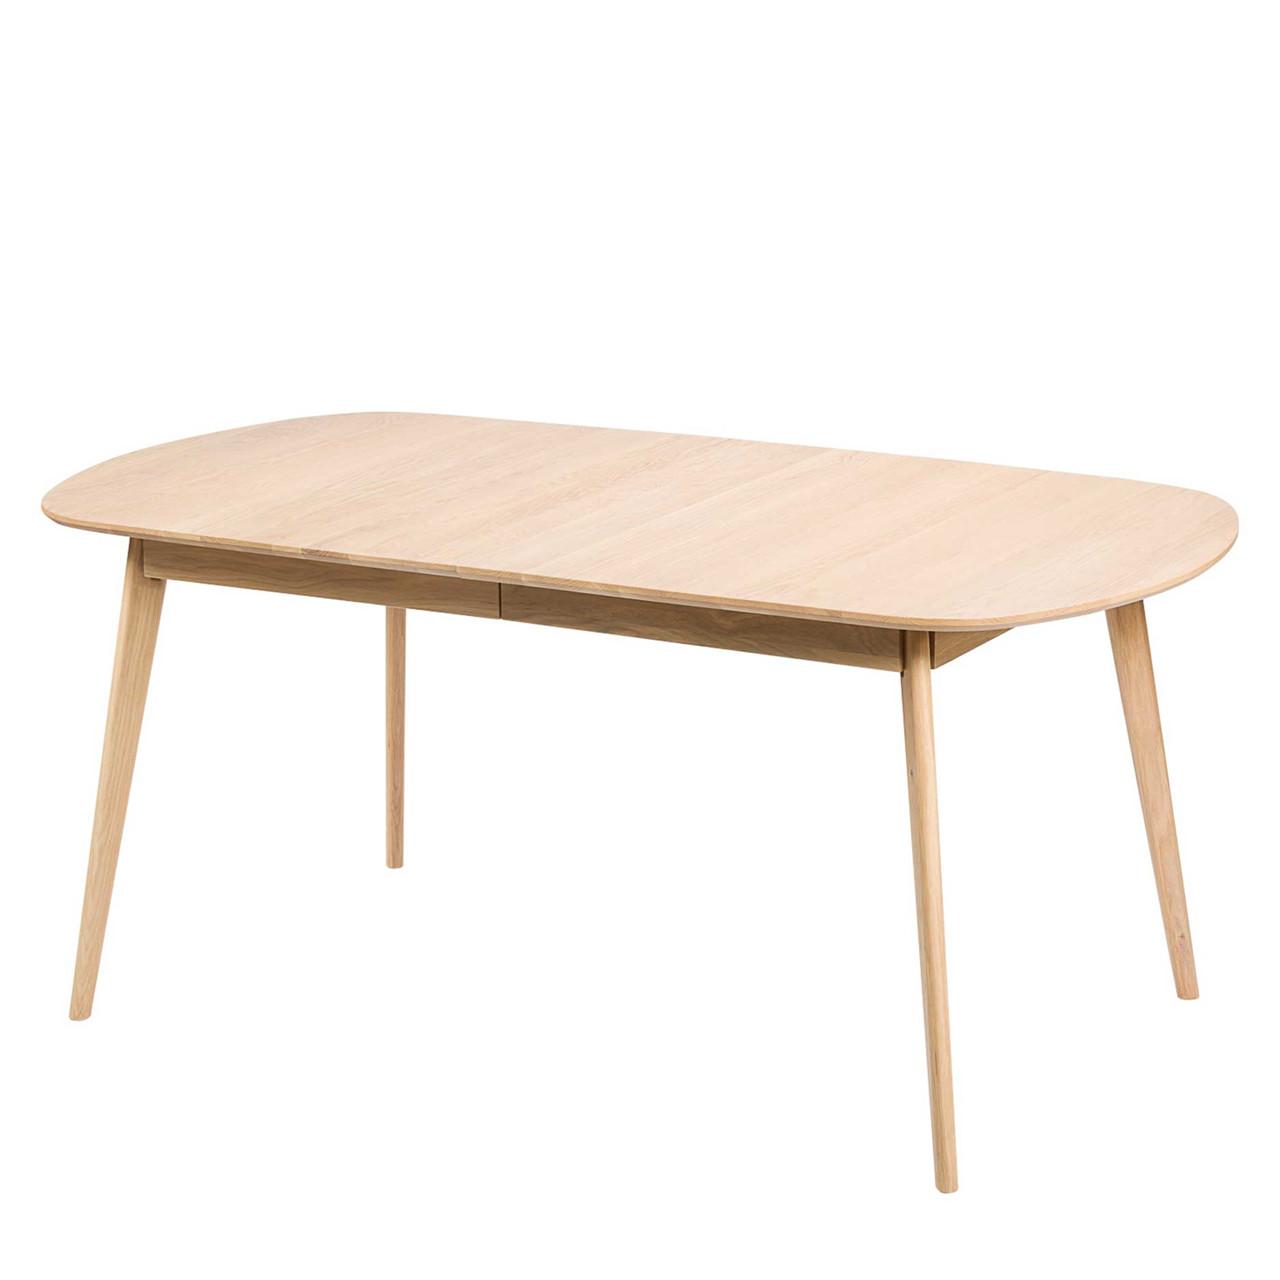 spisebord med udtræk BLOOM spisebord med udtræk egetræ L 175 215 x B 90 cm » Køb her spisebord med udtræk